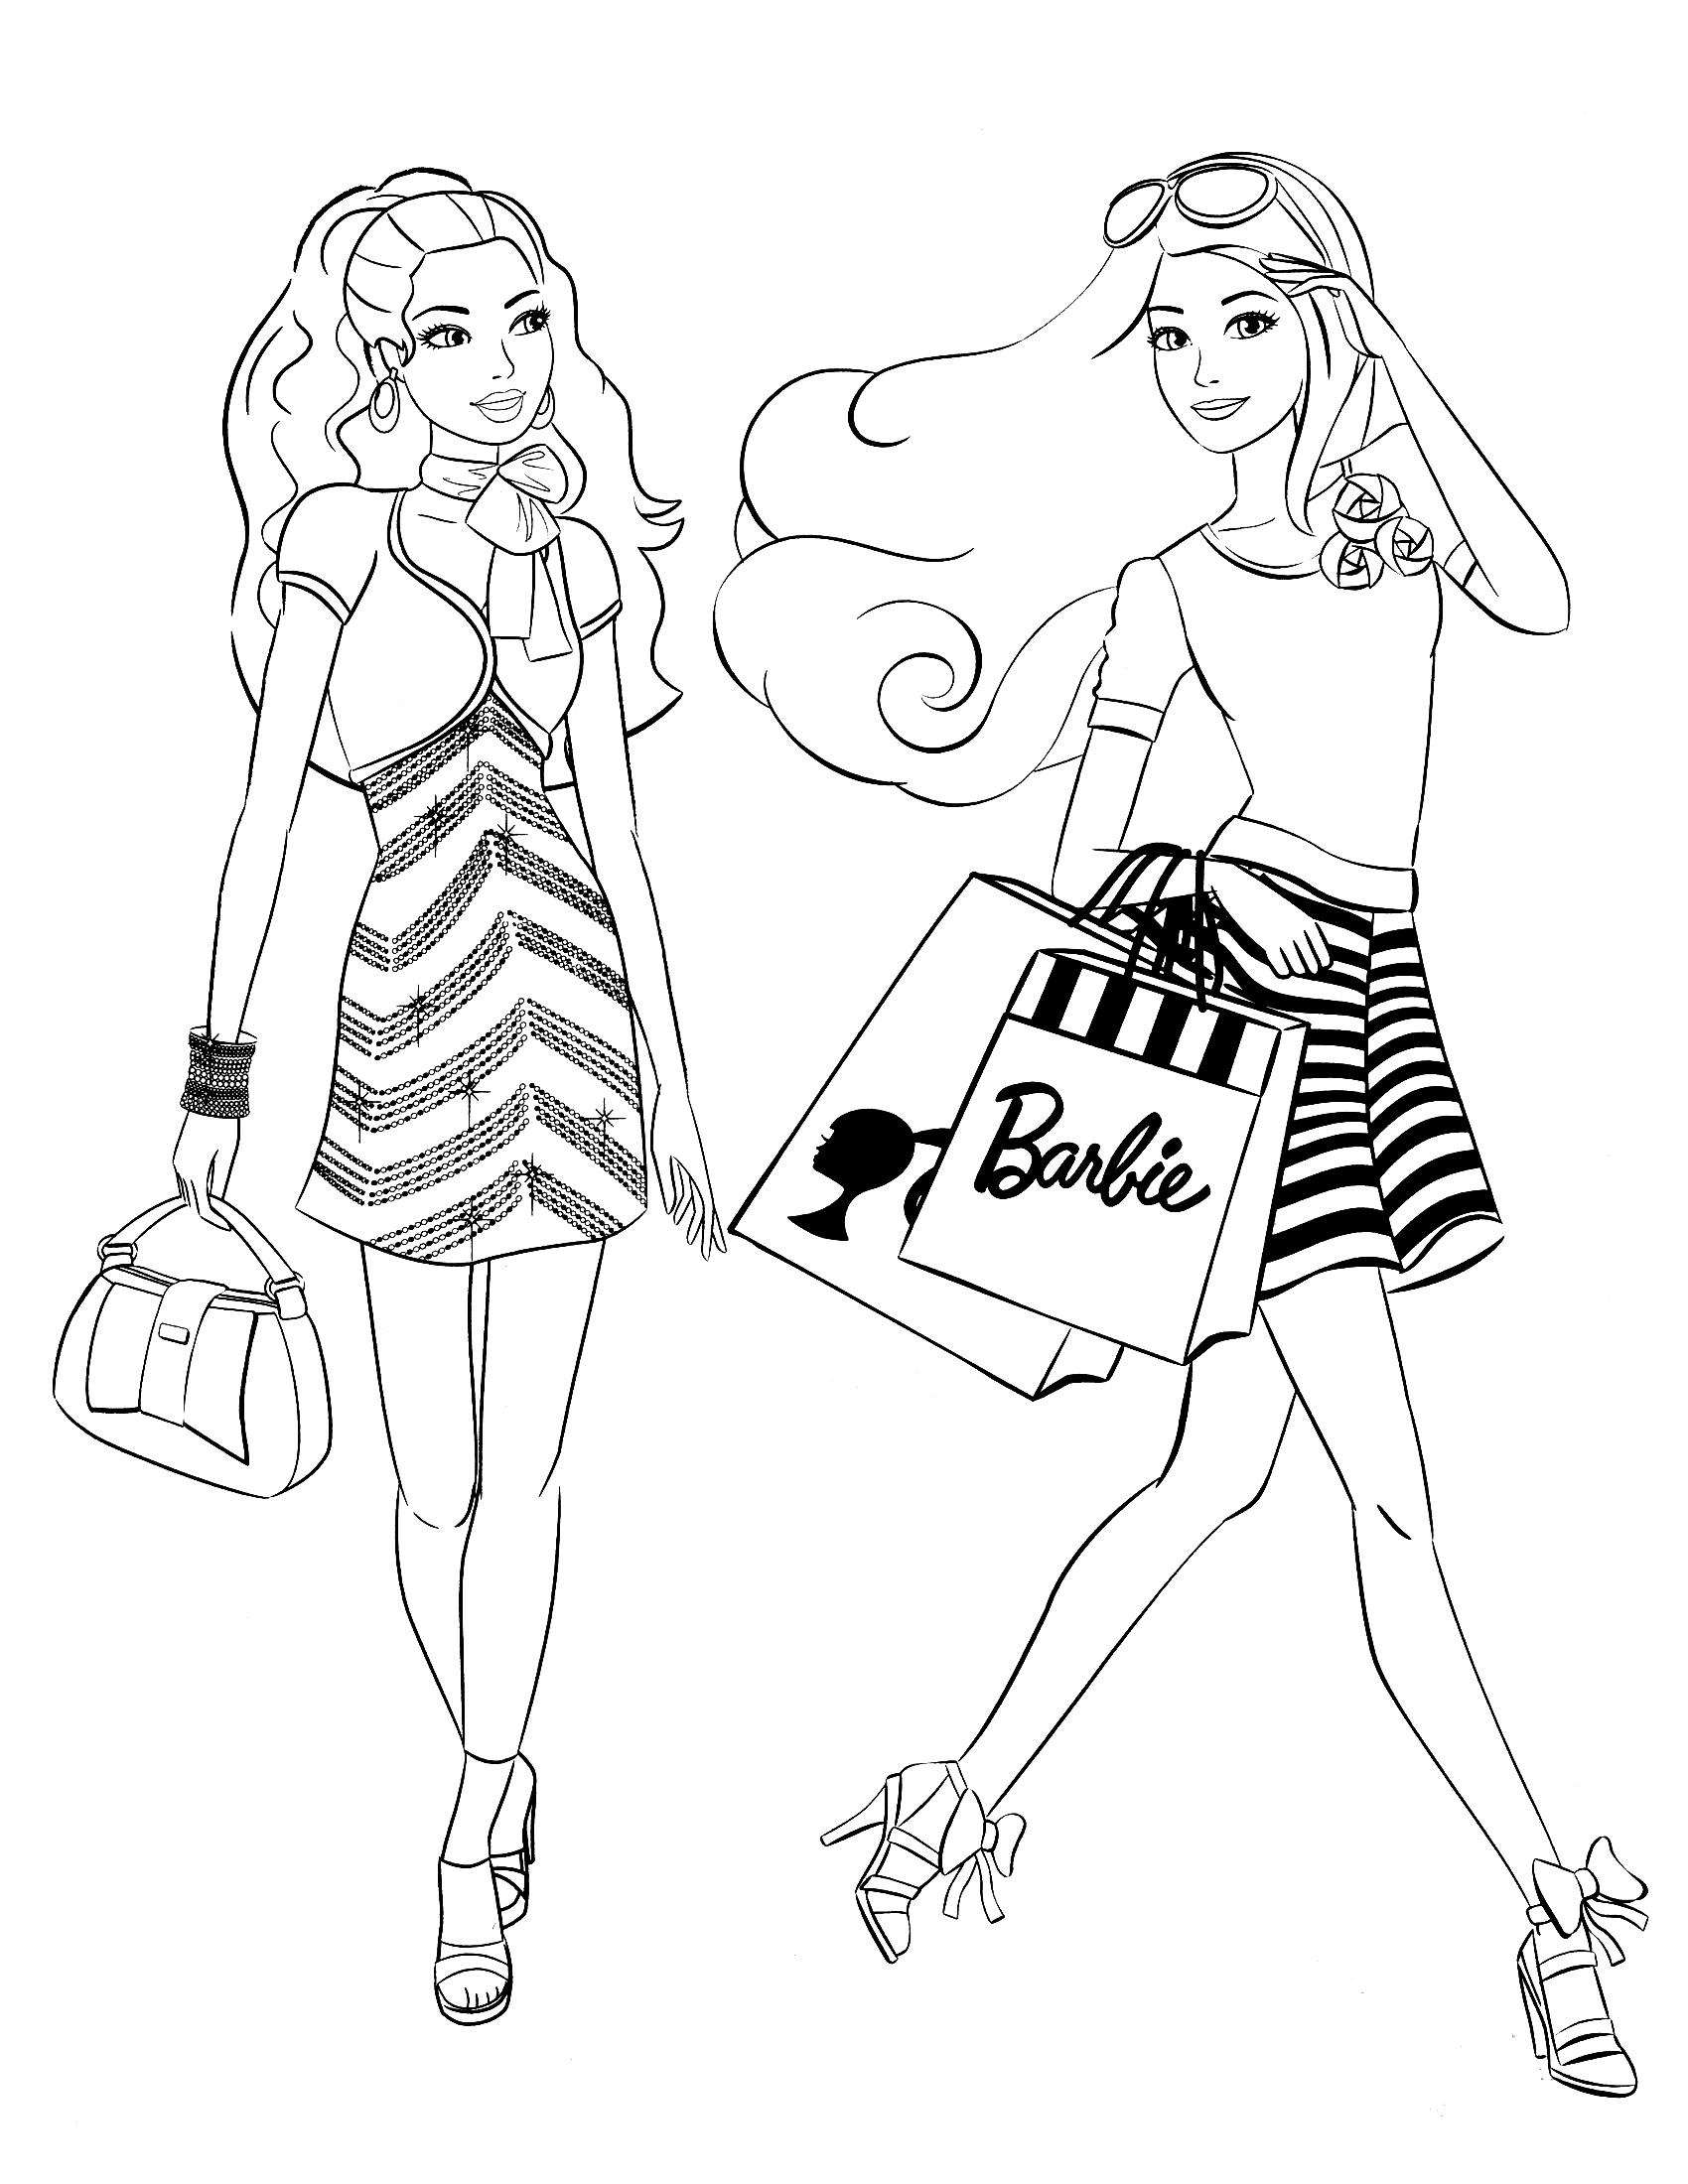 Раскраска Покупки с Барби распечатать или скачать бесплатно